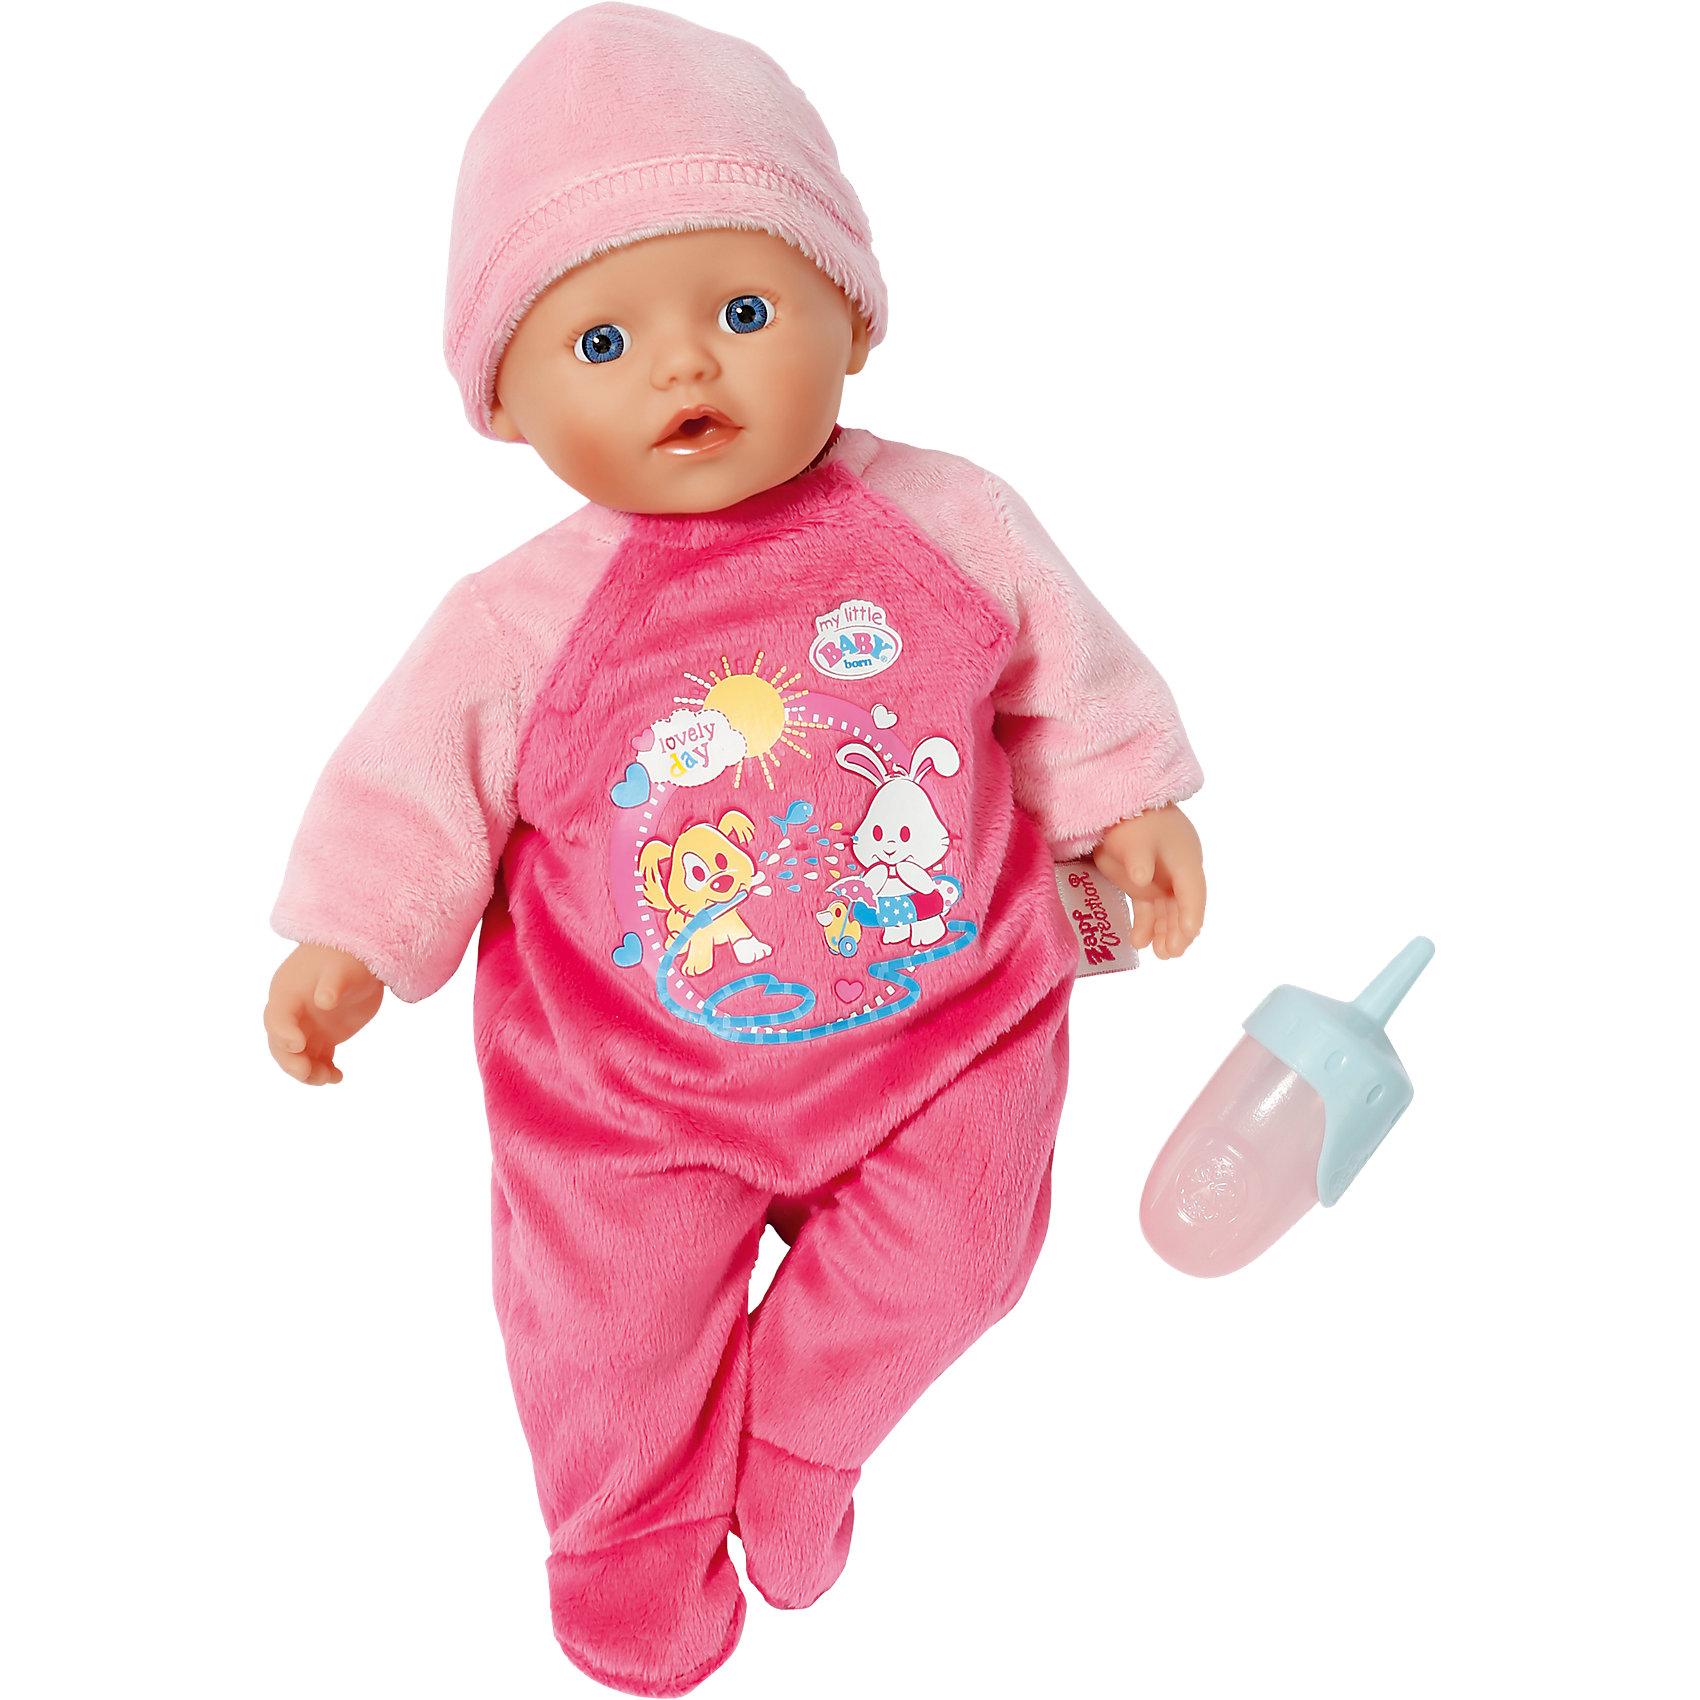 Кукла быстросохнущая, 32 см, my little BABY bornОчаровательный пупс станет прекрасным подарком для любой девочки. Эта куколка отличается от классических интерактивных кукол Бэби Борн – тельце пупса мягконабивное, из твердых материалов изготовлены только голова и конечности. Наполнитель мягкой части игрушки состоит из микрогранул, благодаря этому, куклу можно купать в воде – набивка очень быстро высыхает и с куклой снова можно играть. Очаровательны малыш с большими голубыми глазами, пухлыми губками и щечками так похож на настоящего младенца! Одет кроха в розовый бархатный комбинезончик и мягкую шапочку. <br><br>Дополнительная информация:<br><br>- Материал: пластик, текстиль, микрогранулы. <br>- Размер: 32 см.<br>- Тело мягконабивное, быстросохнущее.<br>- Можно купать.<br>- Комплектация: кукла в одежде, бутылочка. <br>- Поить куклу можно только из бутылочки. <br><br>Куклу быстросохнущую, 32 см, my little BABY born (Беби борн) можно купить в нашем магазине.<br><br>Ширина мм: 260<br>Глубина мм: 210<br>Высота мм: 155<br>Вес г: 450<br>Возраст от месяцев: 24<br>Возраст до месяцев: 48<br>Пол: Женский<br>Возраст: Детский<br>SKU: 4319354